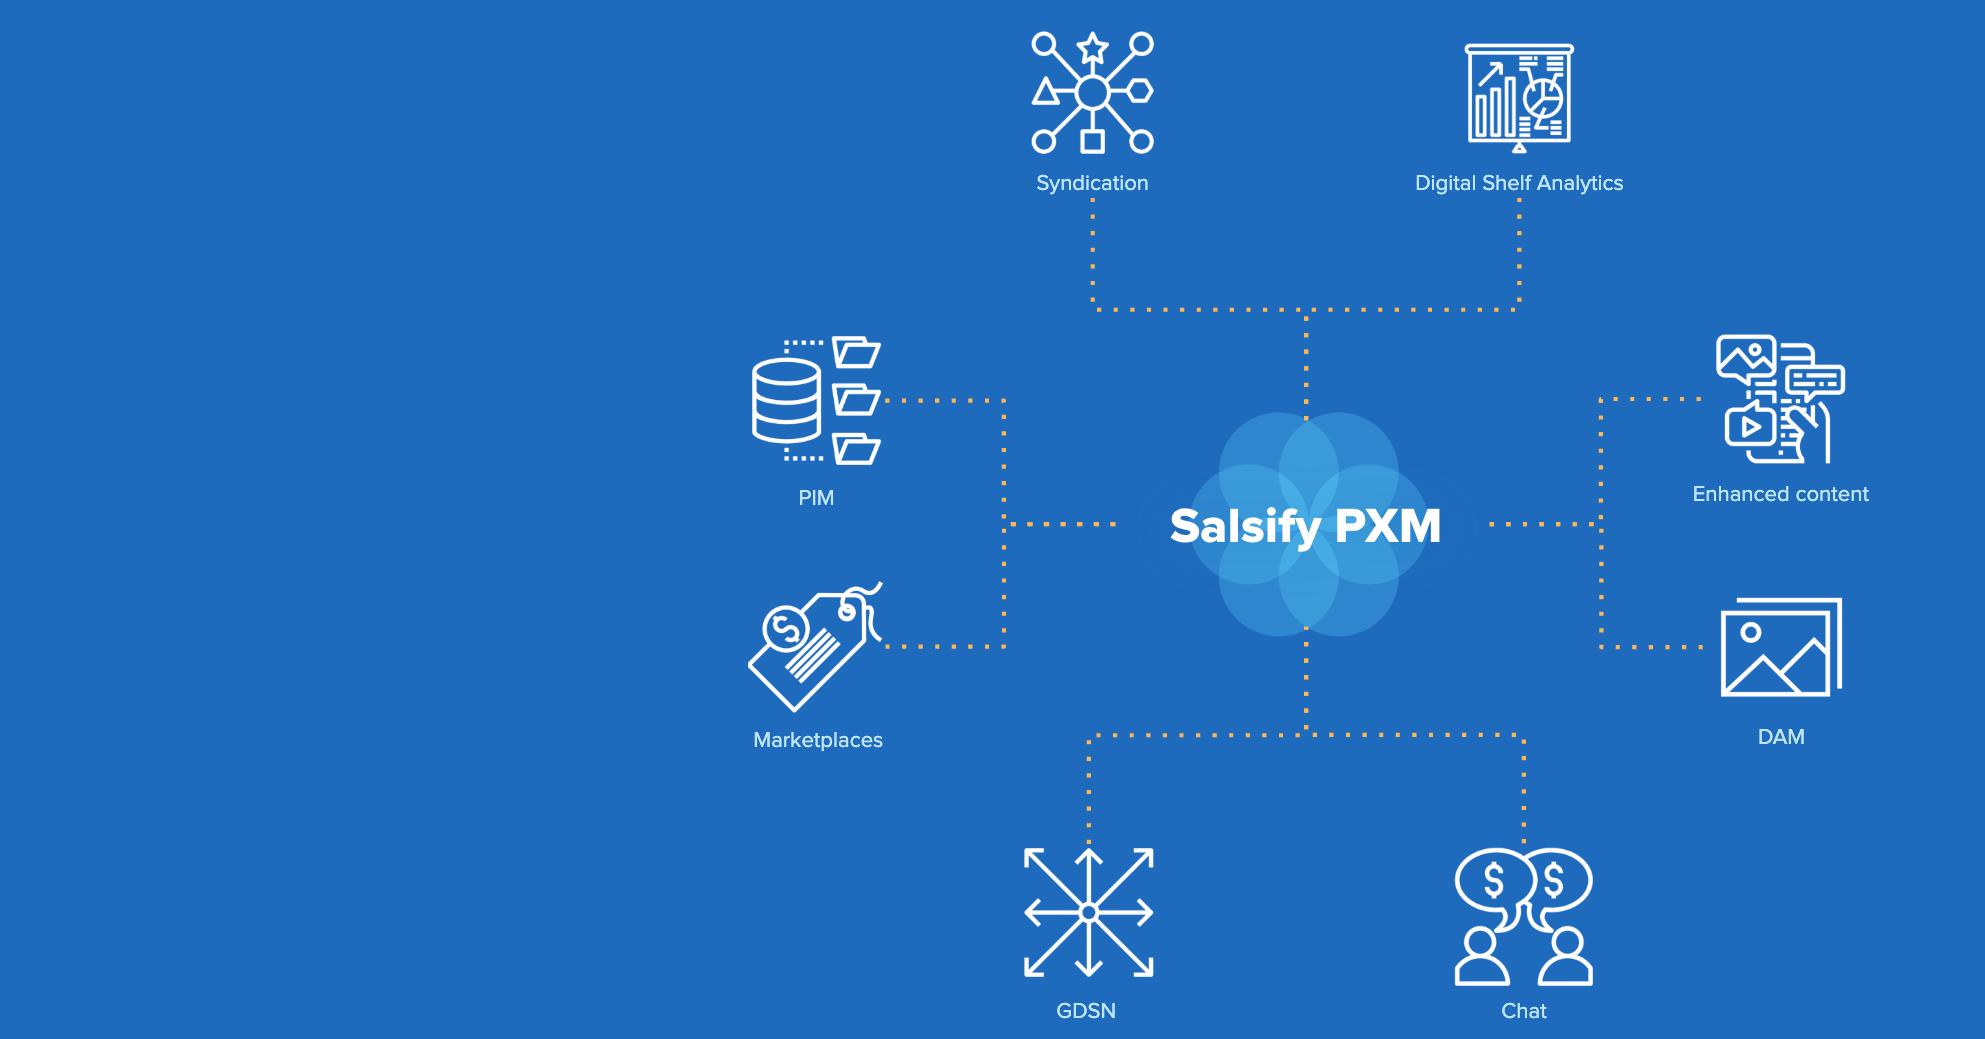 Salsify-PXM